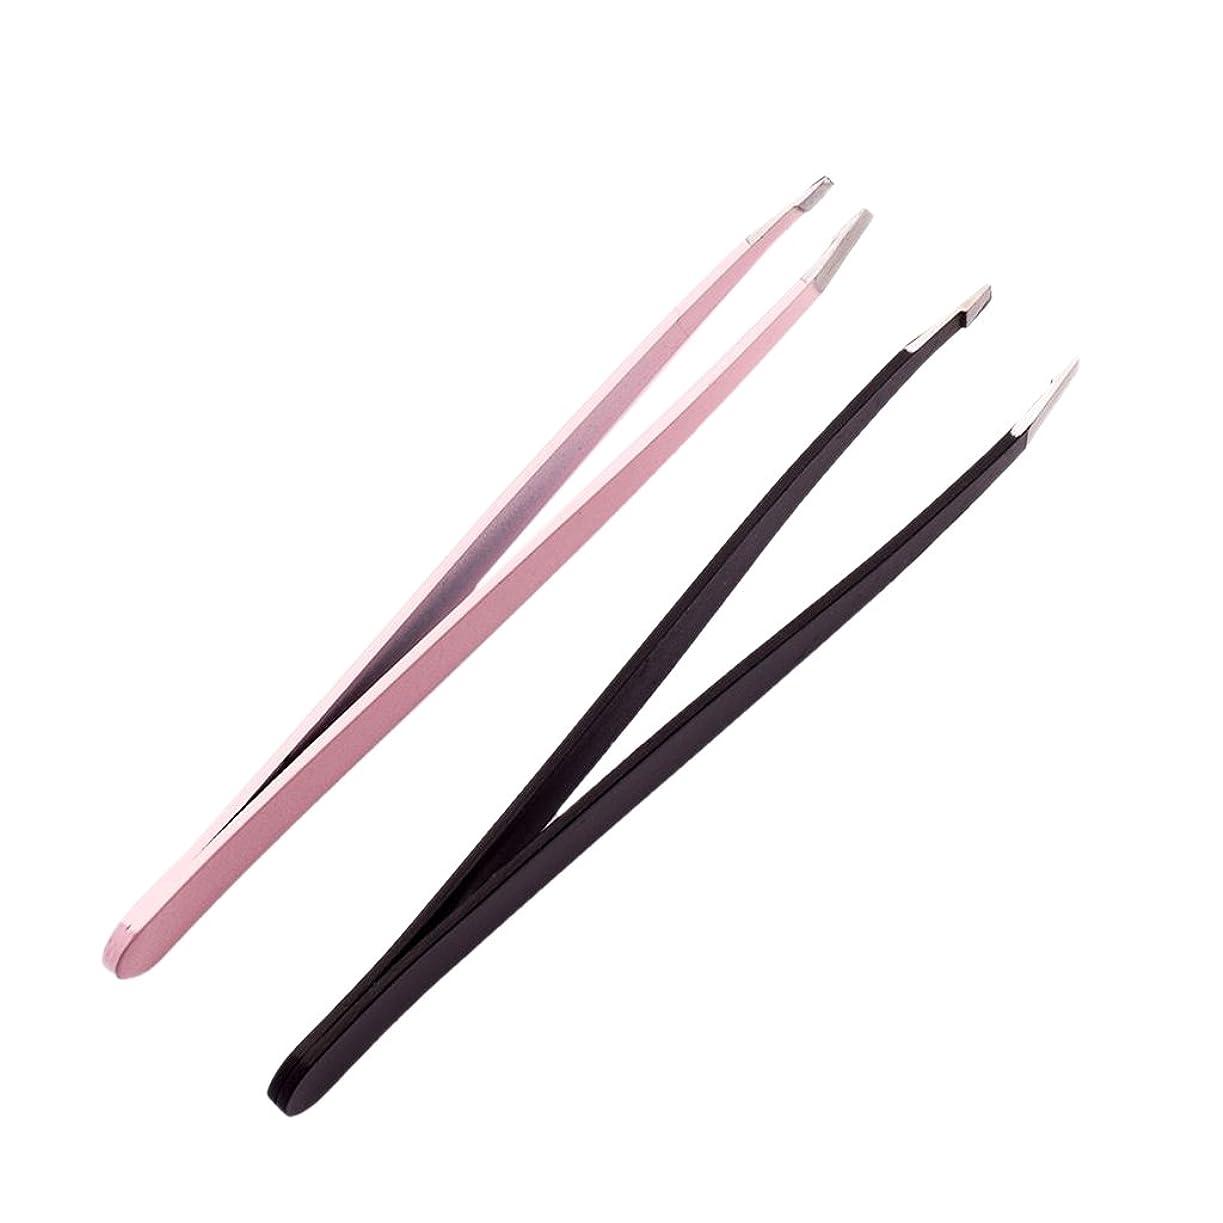 プロトタイプパッチセメント2個のプロフェッショナルな眉毛のピンセットは、ステンレス製の髪のリムーバーのツールセットを傾けた